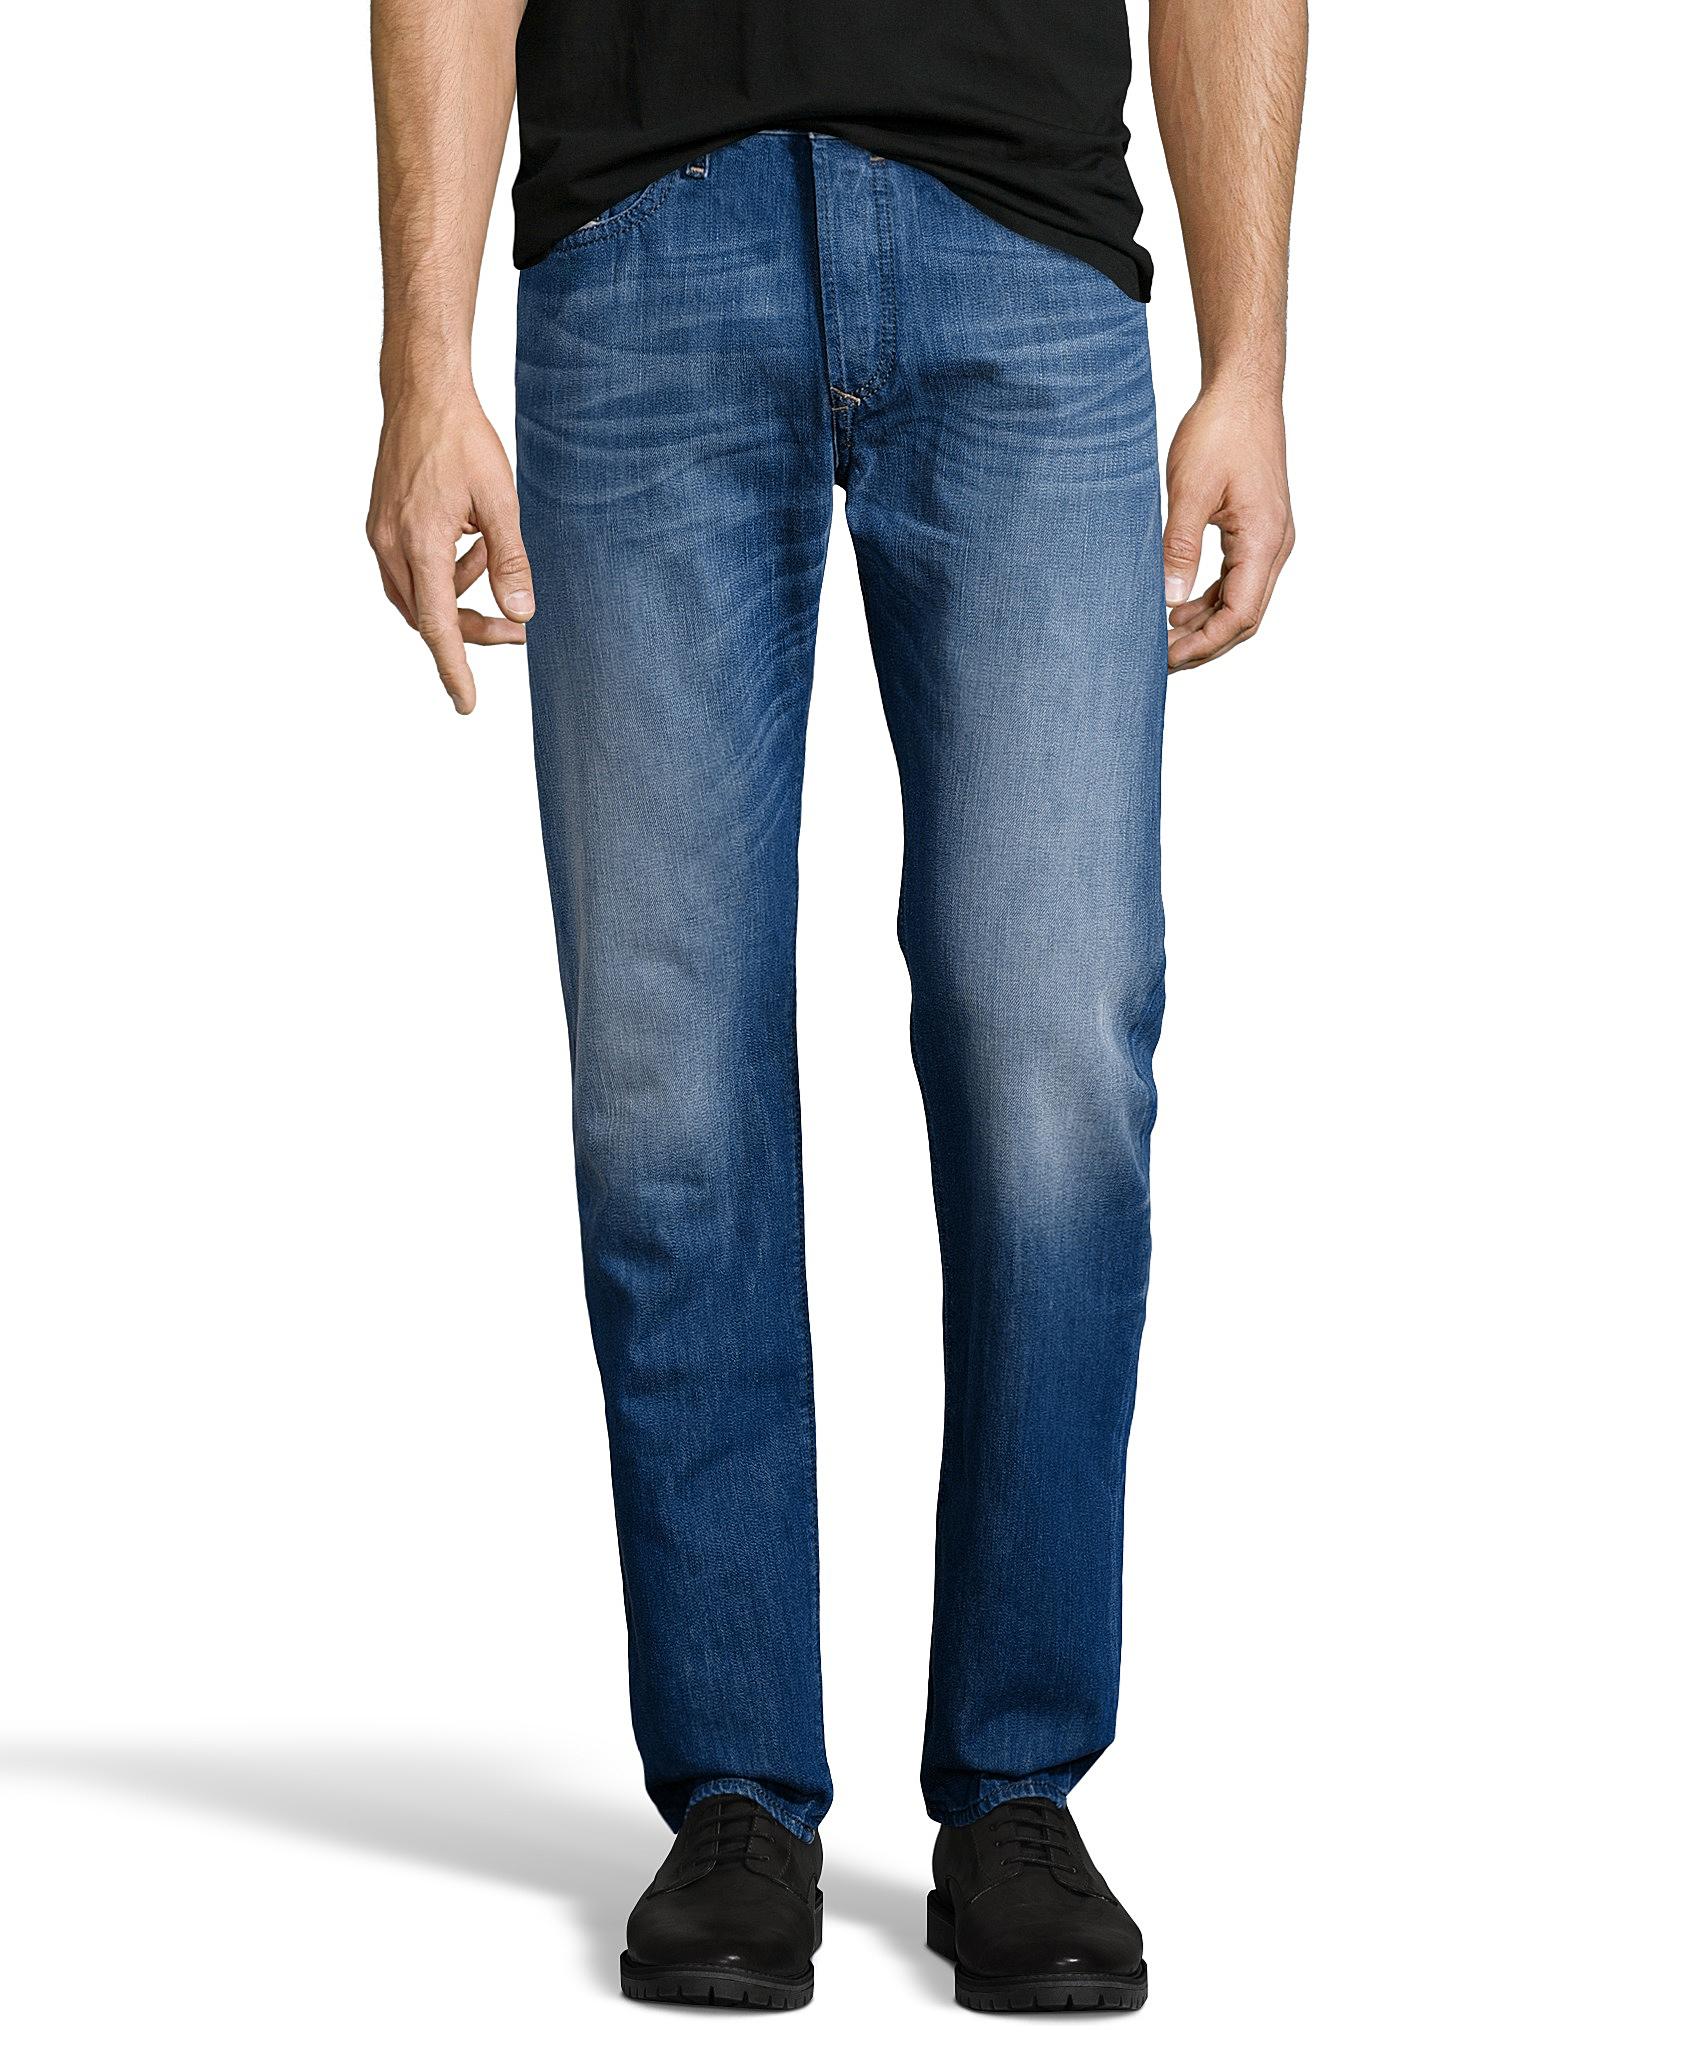 diesel buster regular slim tapered denim jeans in blue for men save 55 lyst. Black Bedroom Furniture Sets. Home Design Ideas